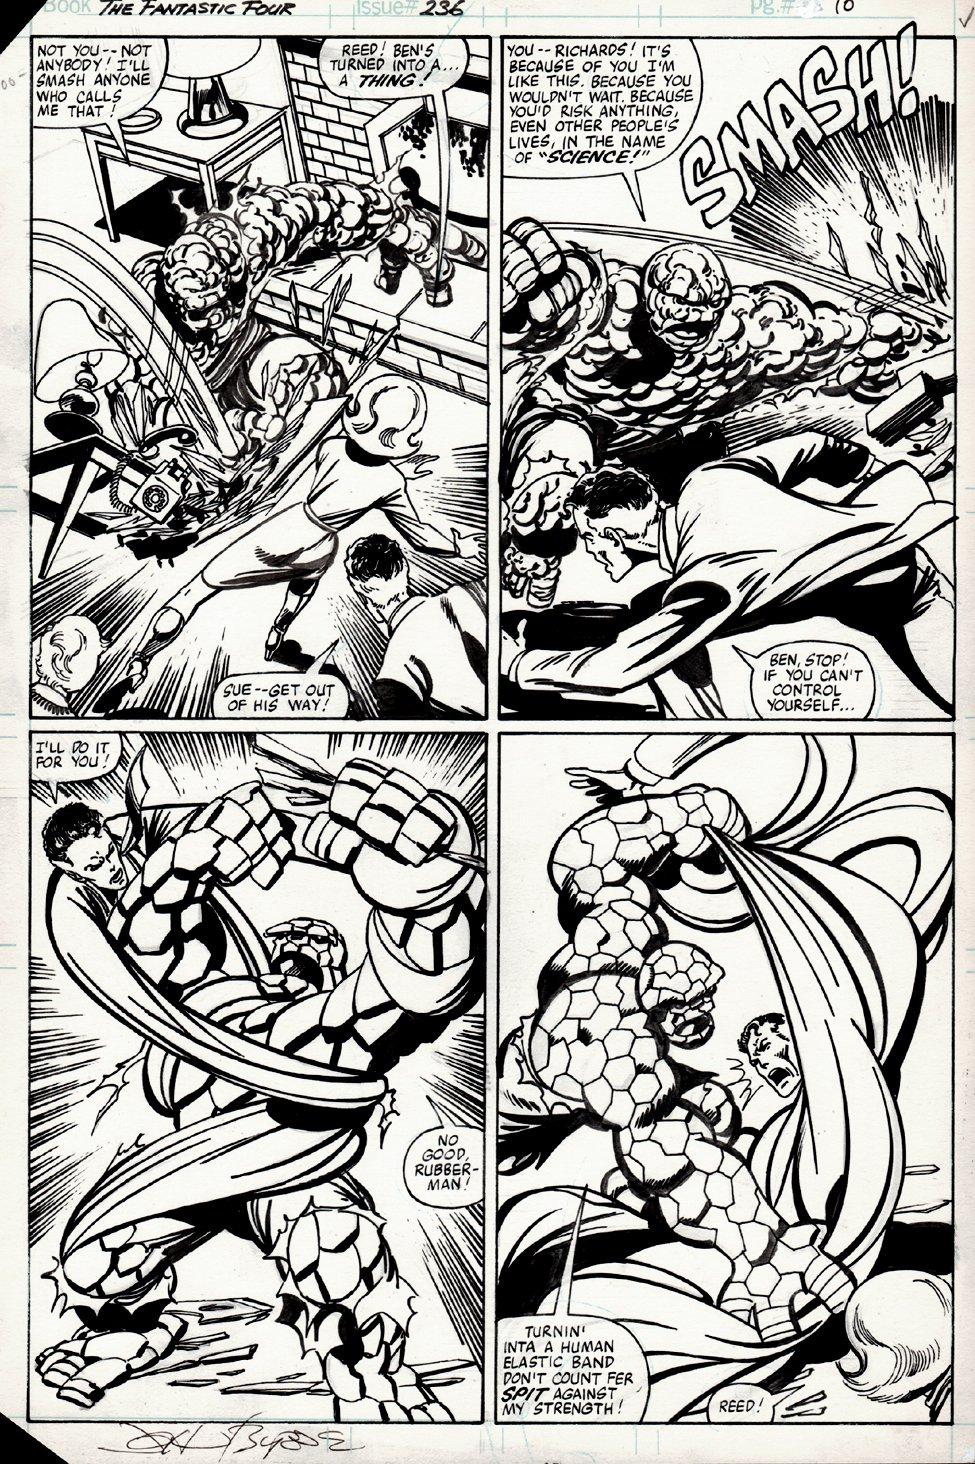 Fantastic Four #236 p 10 (1981)